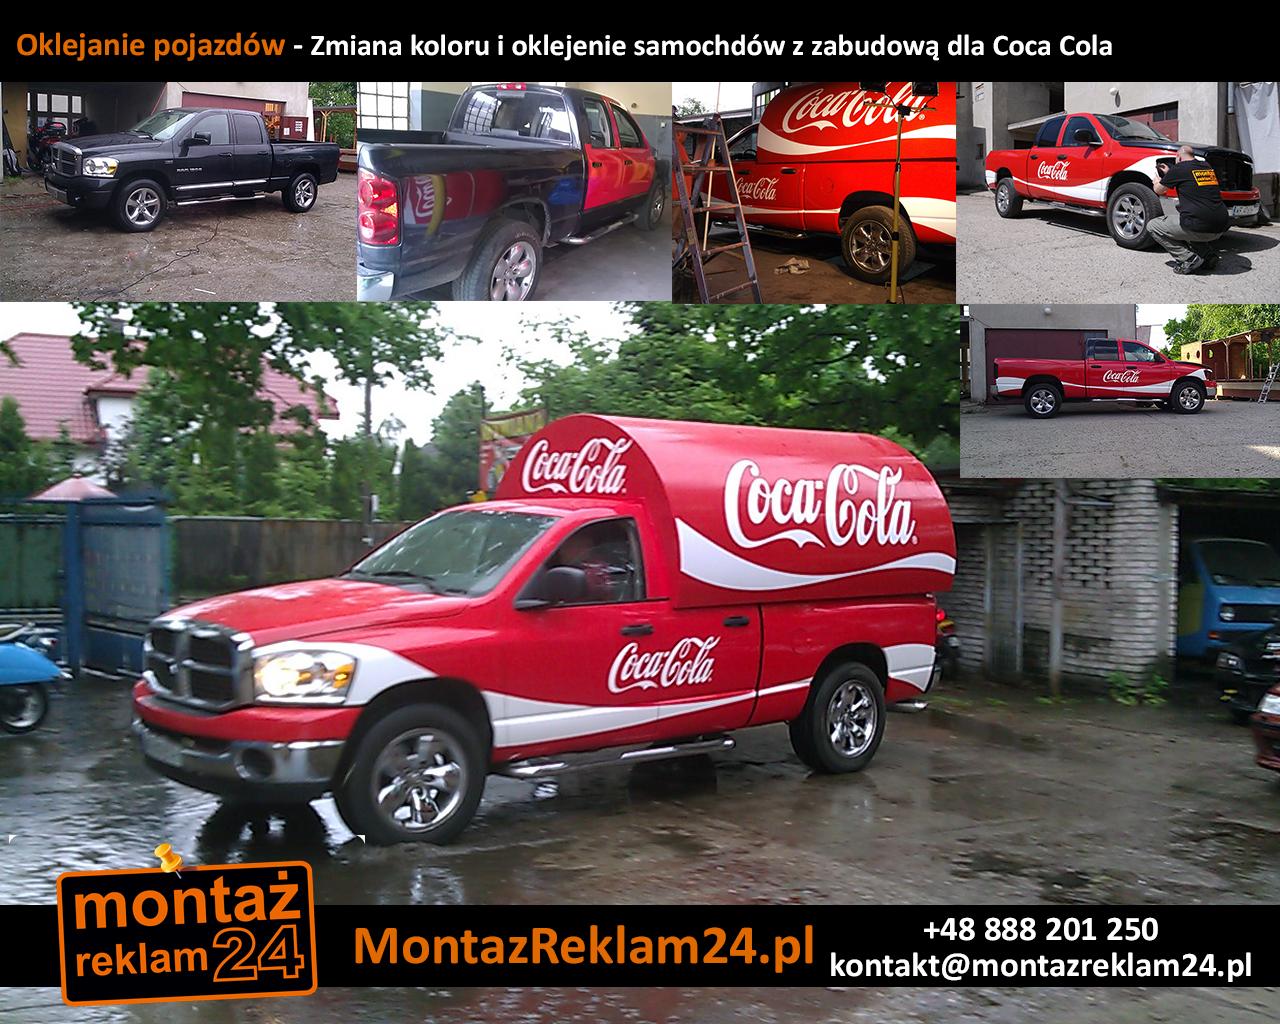 Oklejanie pojazdów - Zmiana koloru i oklejenie samochdów z zabudową dla Coca Cola.jpg